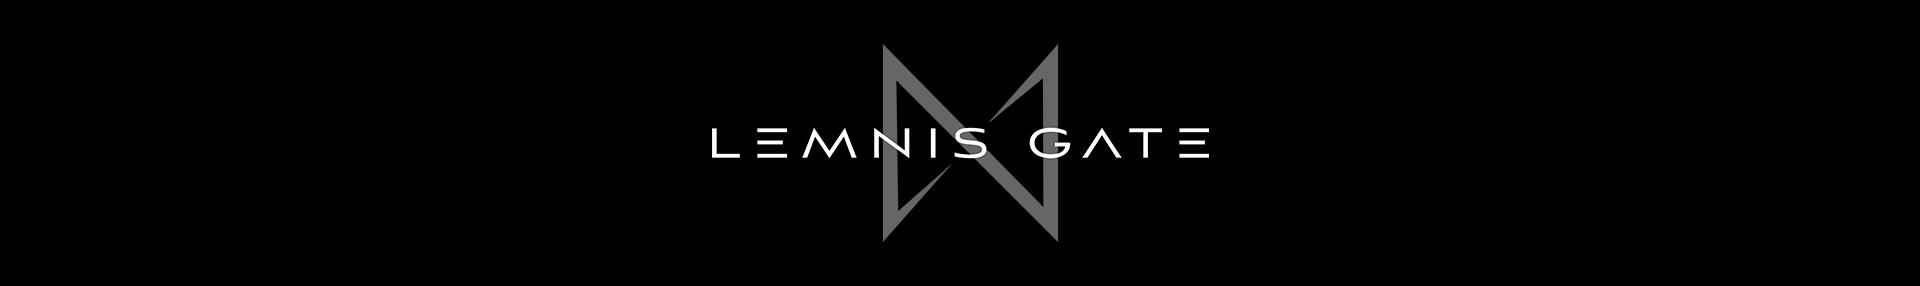 LemnisGate.png